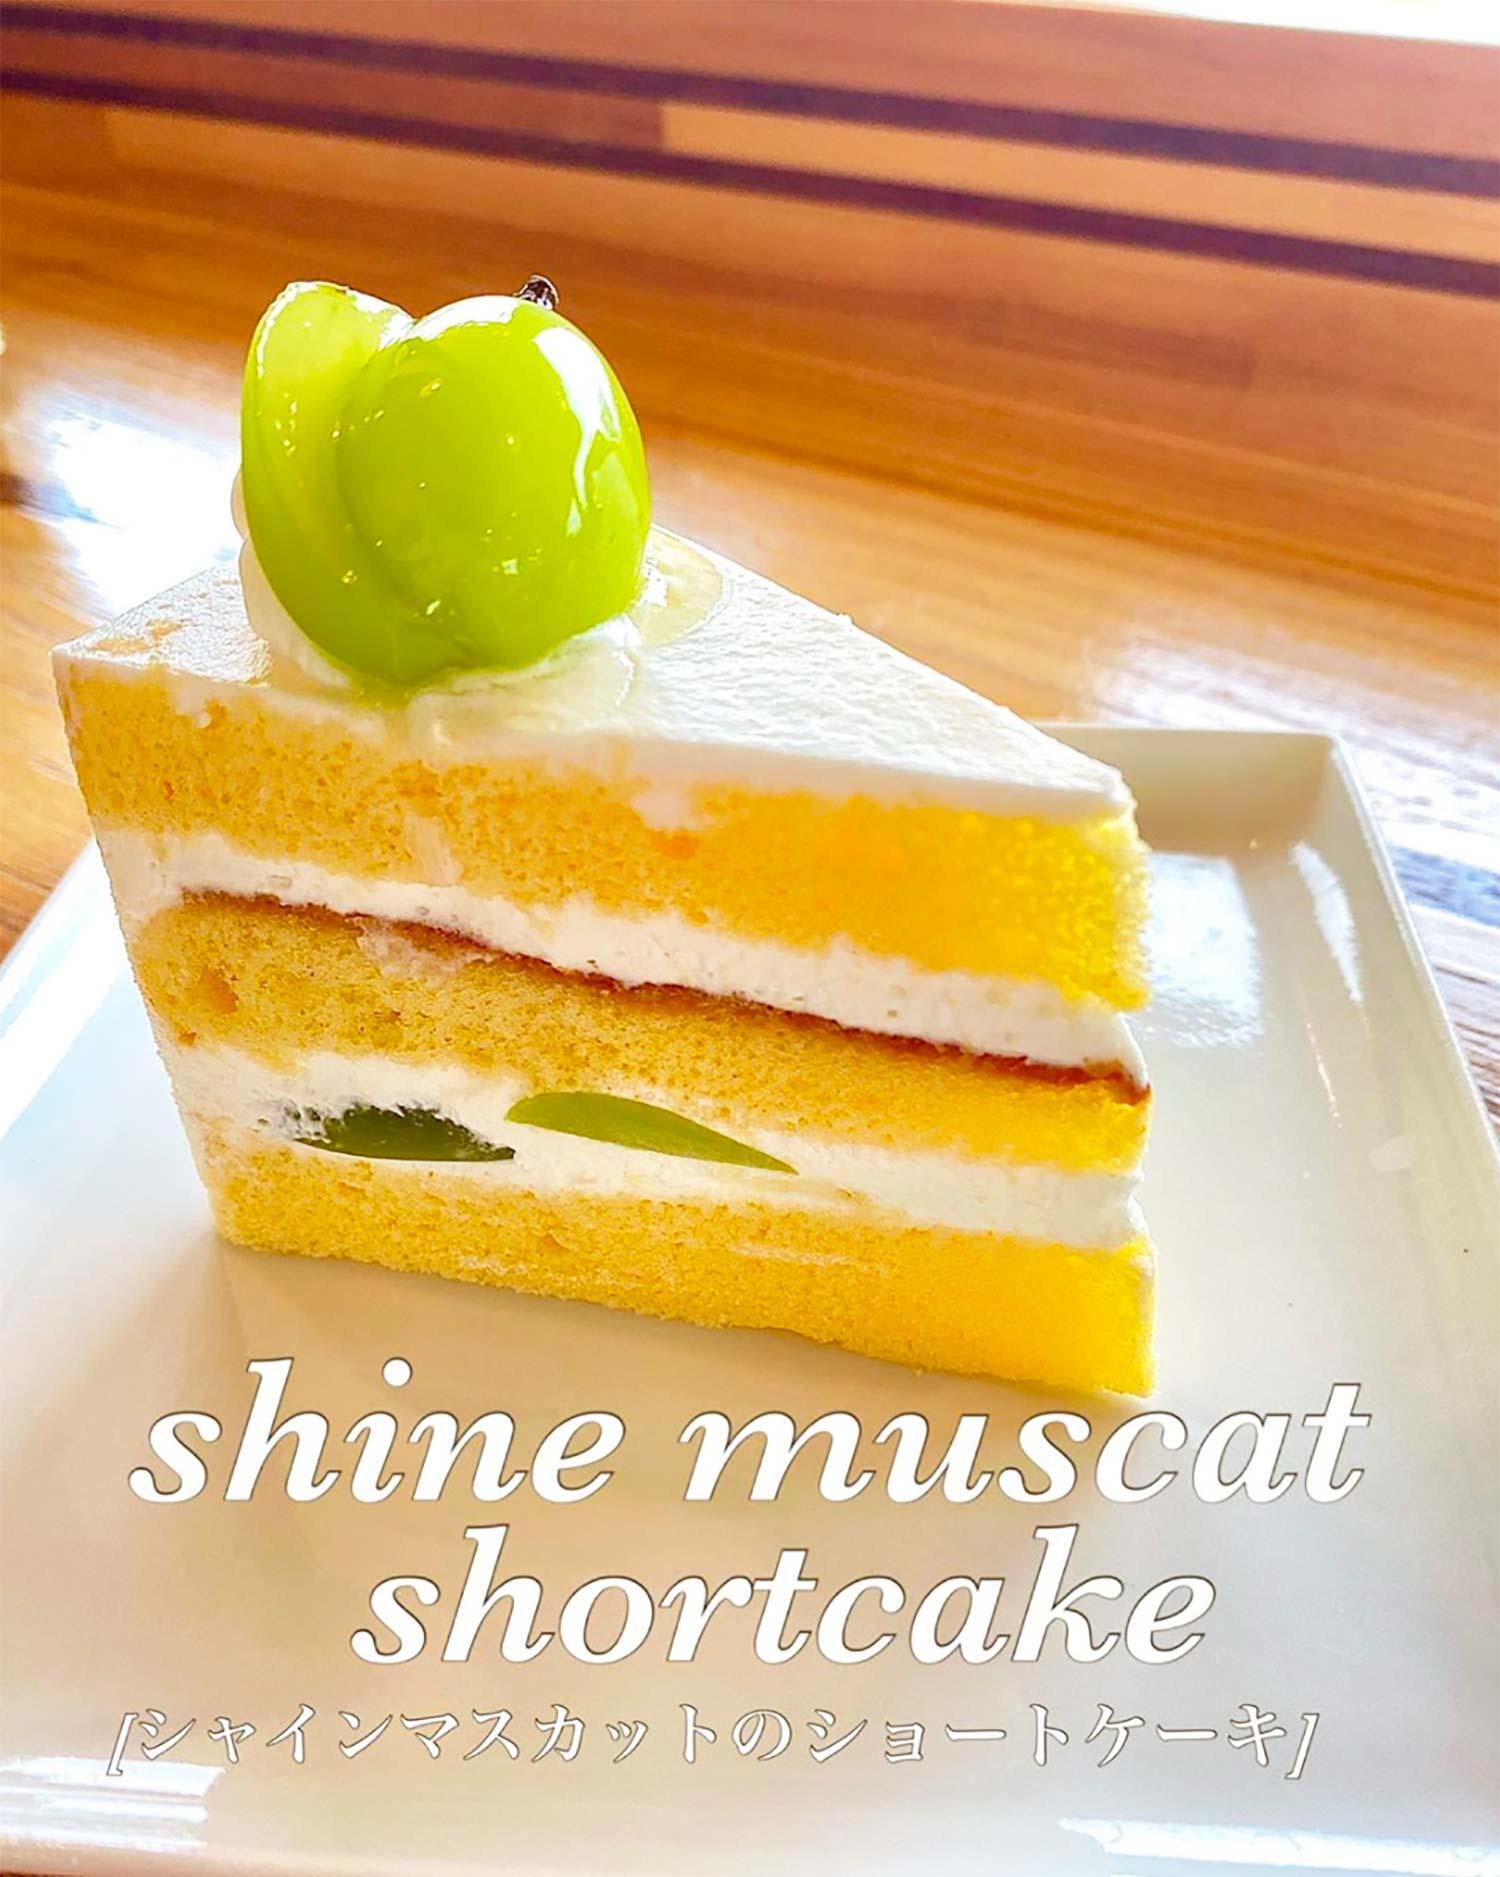 シャインマスカット ショートケーキ